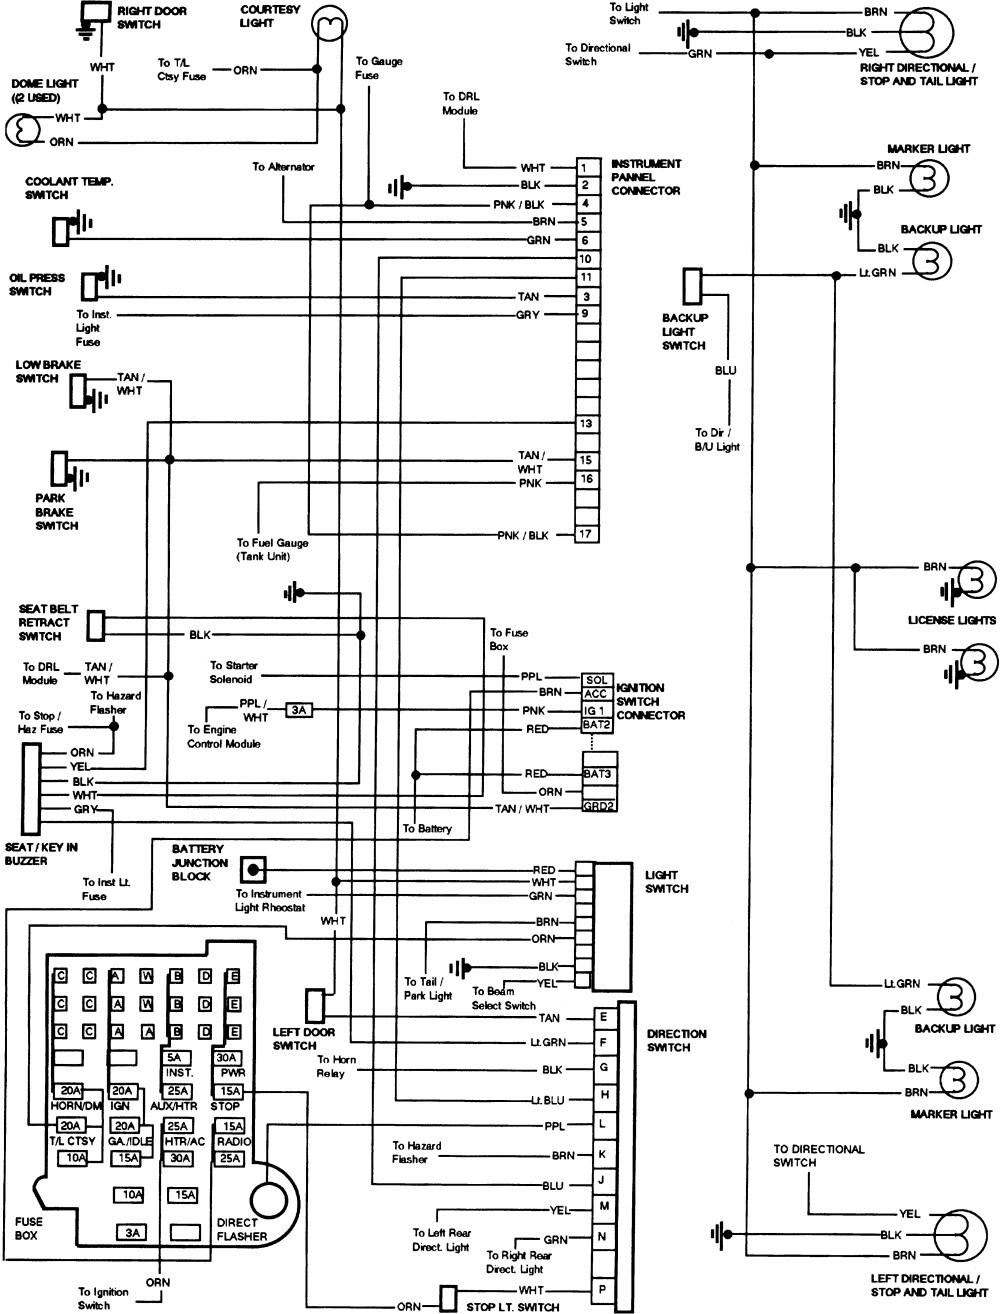 [SCHEMATICS_4NL]  YZ_8471] 87 Chevy Monte Carlo Wiring Diagram Schematic | 1989 Chevy Silverado Wiring Diagram |  | Benol Garna Mohammedshrine Librar Wiring 101